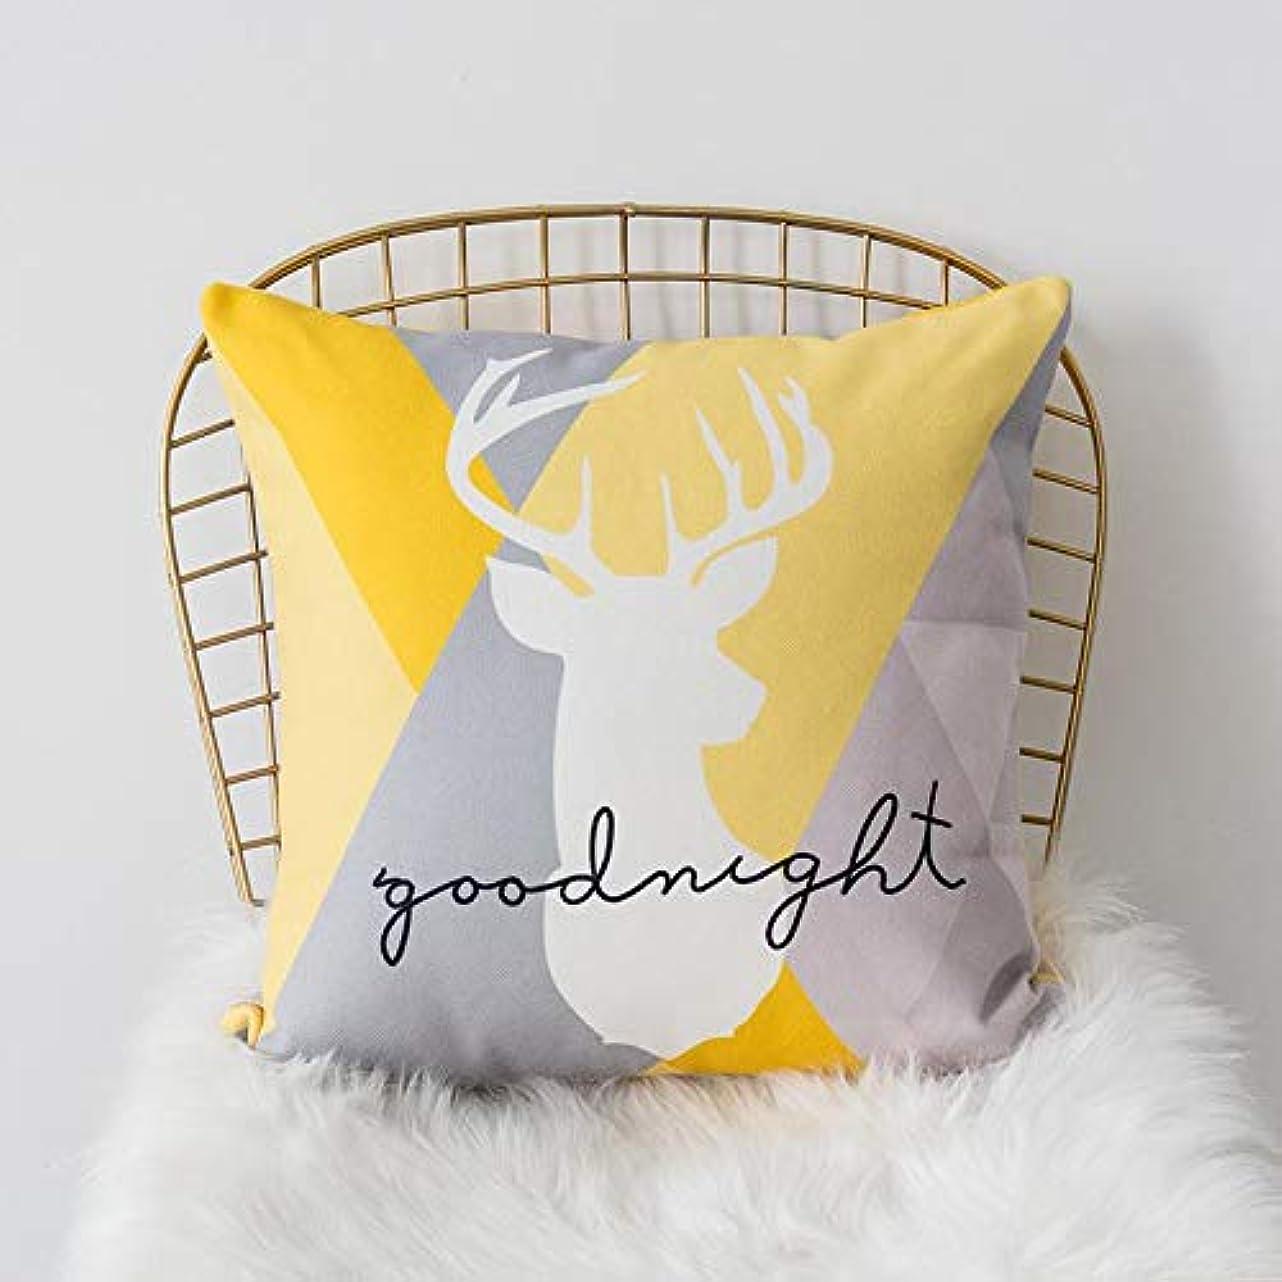 取り替える公然と承認するLIFE 黄色グレー枕北欧スタイル黄色ヘラジカ幾何枕リビングルームのインテリアソファクッション Cojines 装飾良質 クッション 椅子